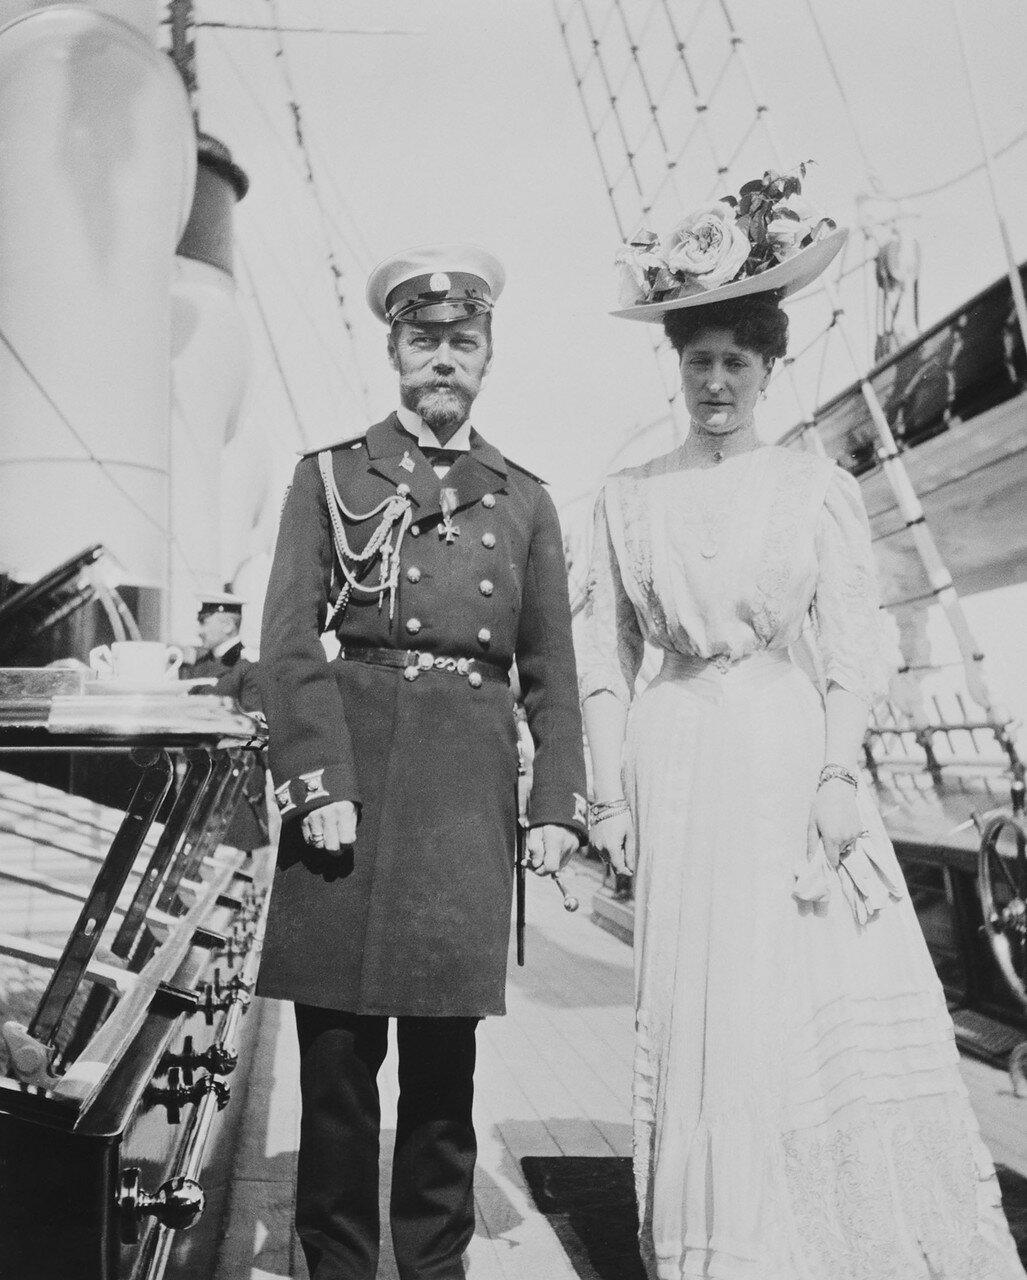 53. Царь Николай II и императрица Александра Федоровна на палубе королевской яхты «Виктория и Альберт»